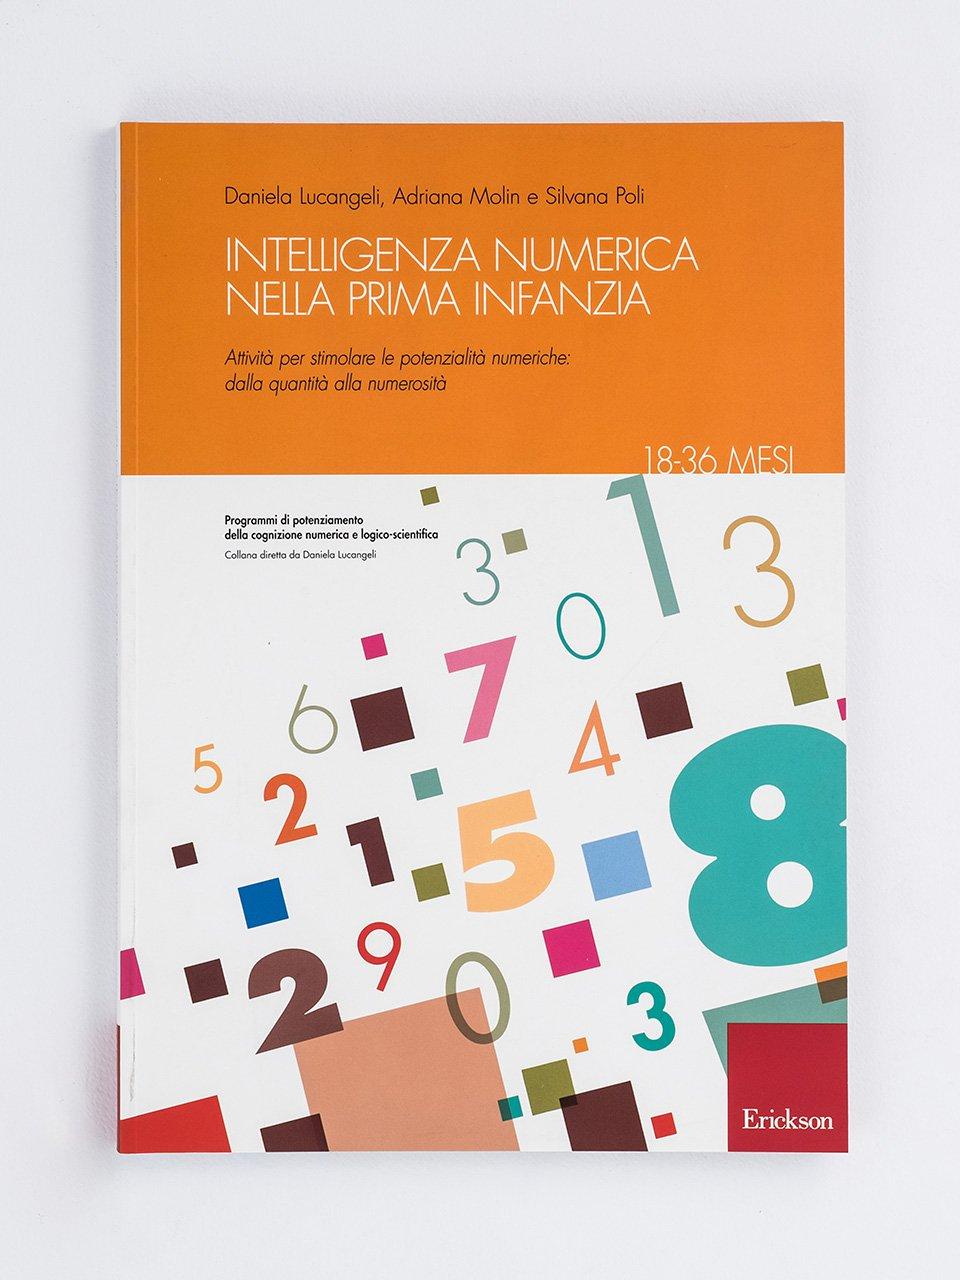 Intelligenza numerica nella prima infanzia - 18-36 mesi - Competenze e valutazione metodologica - Libri - Erickson